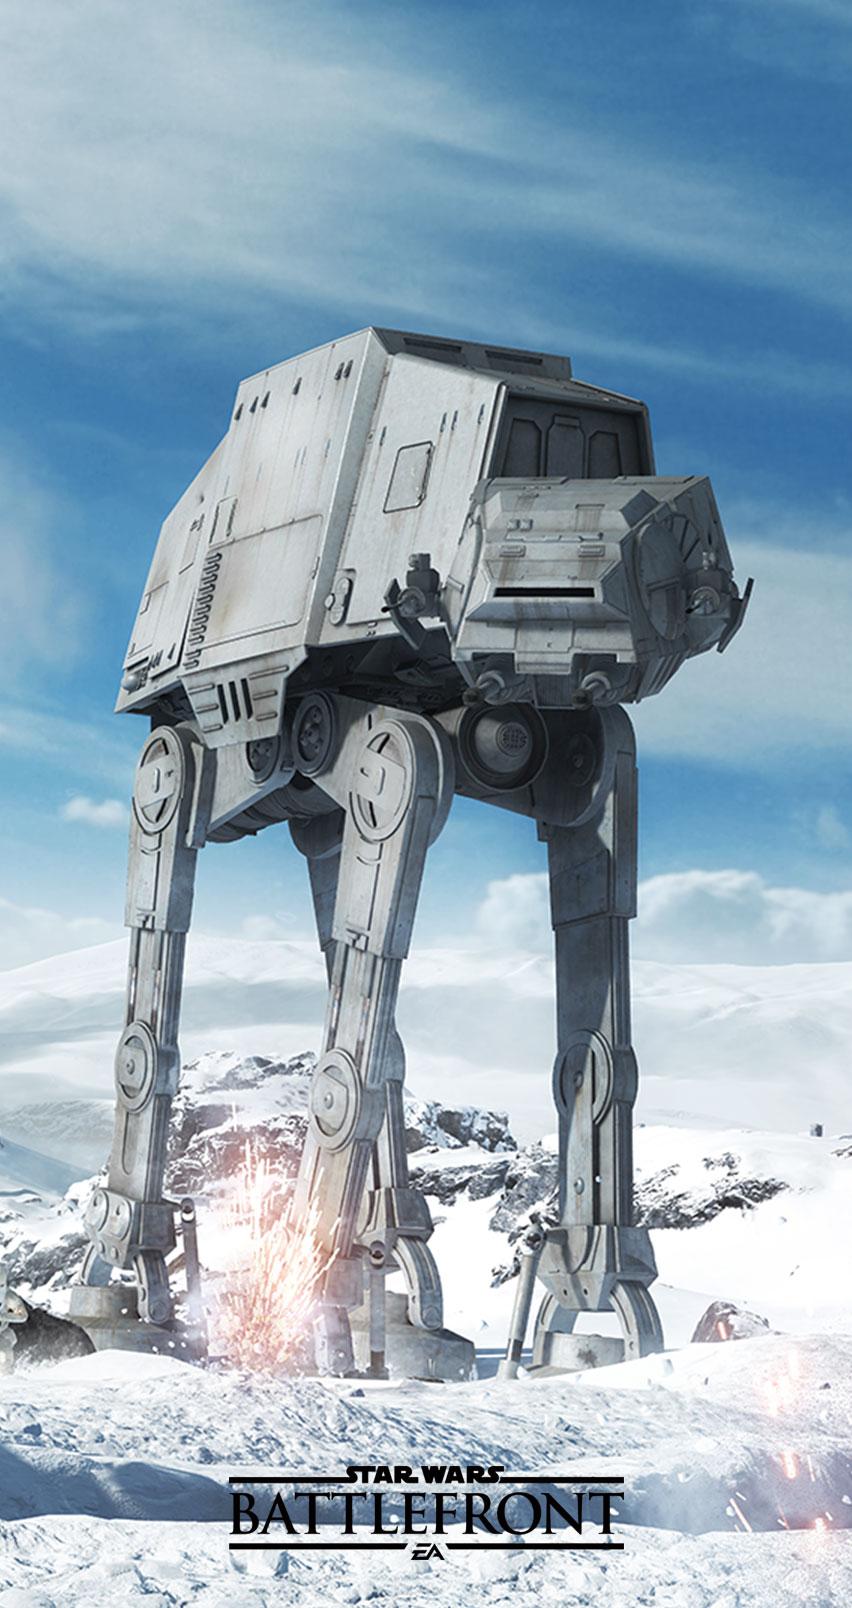 Star Wars Battlefront Wallpaper Handy 852x1608 Download Hd Wallpaper Wallpapertip